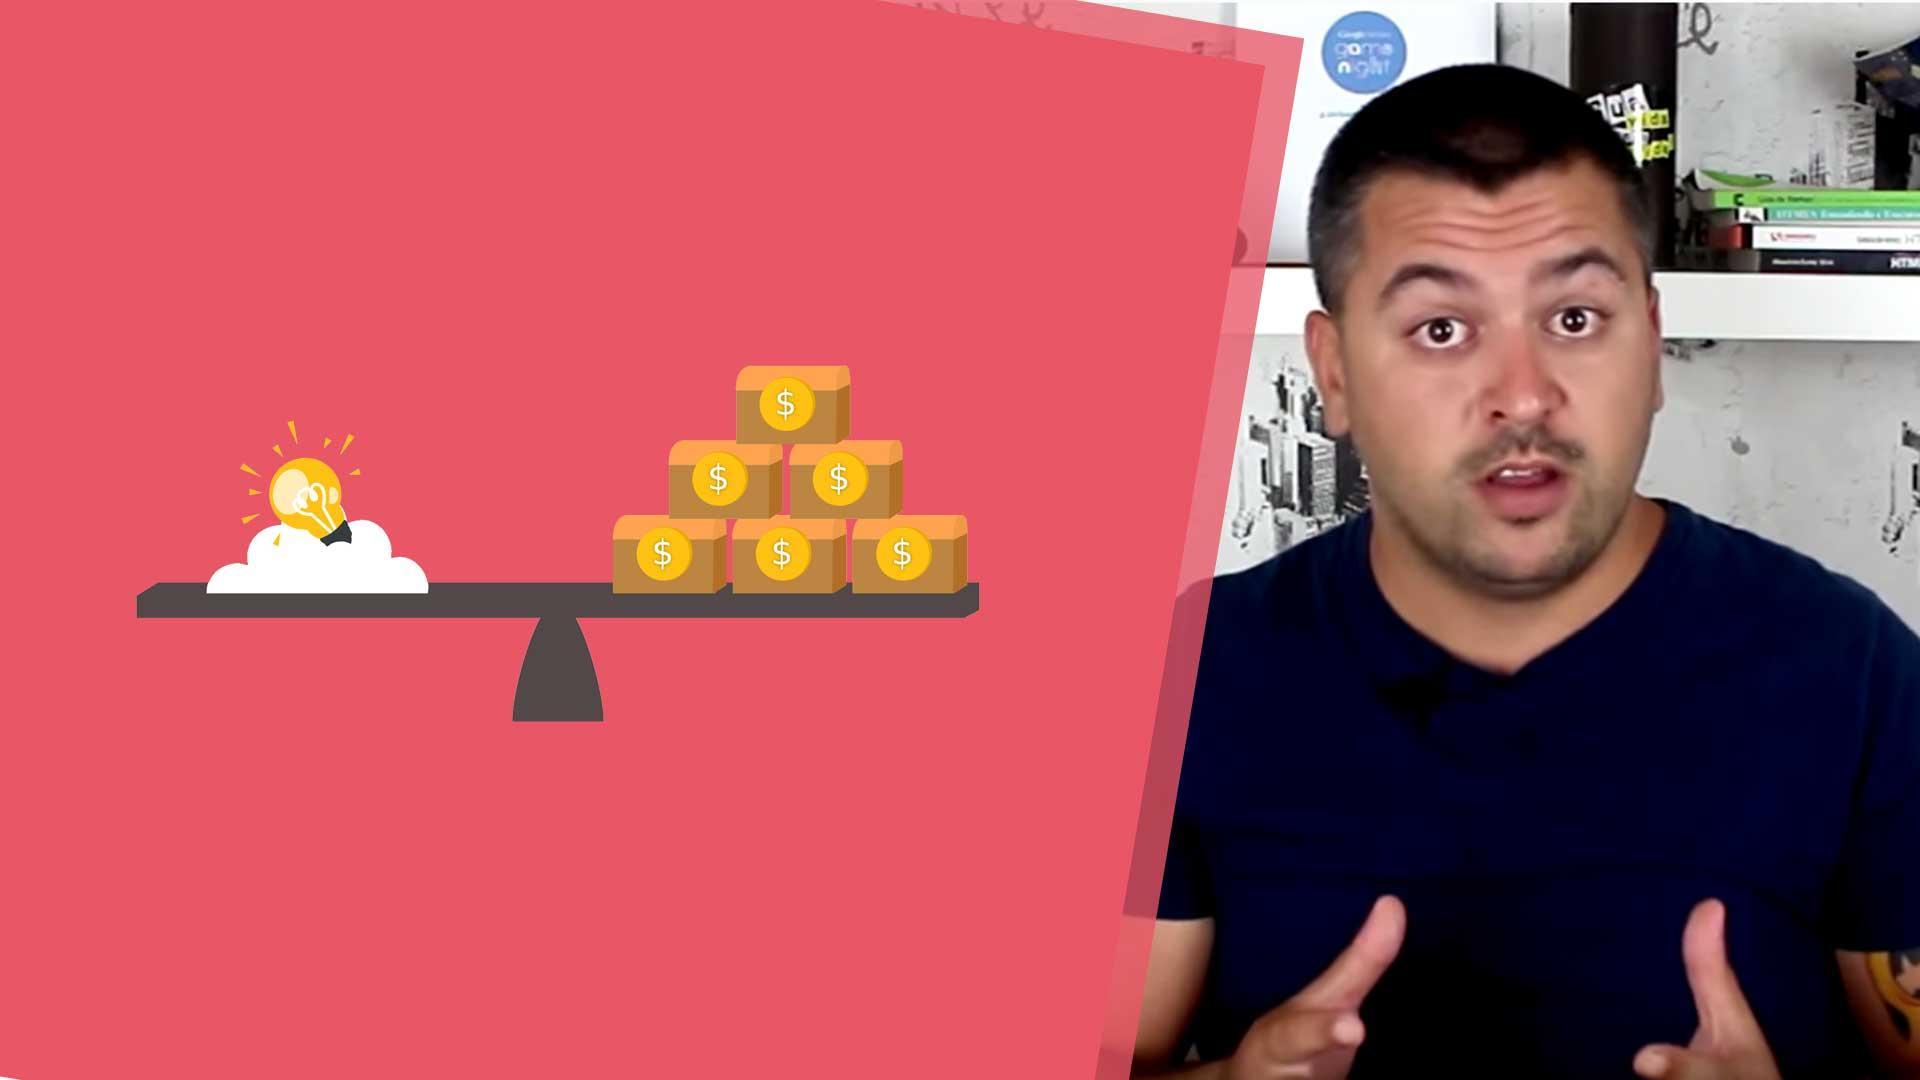 Preço ou valor? Um Papo Web sobre como se posicionar na hora do orçamento